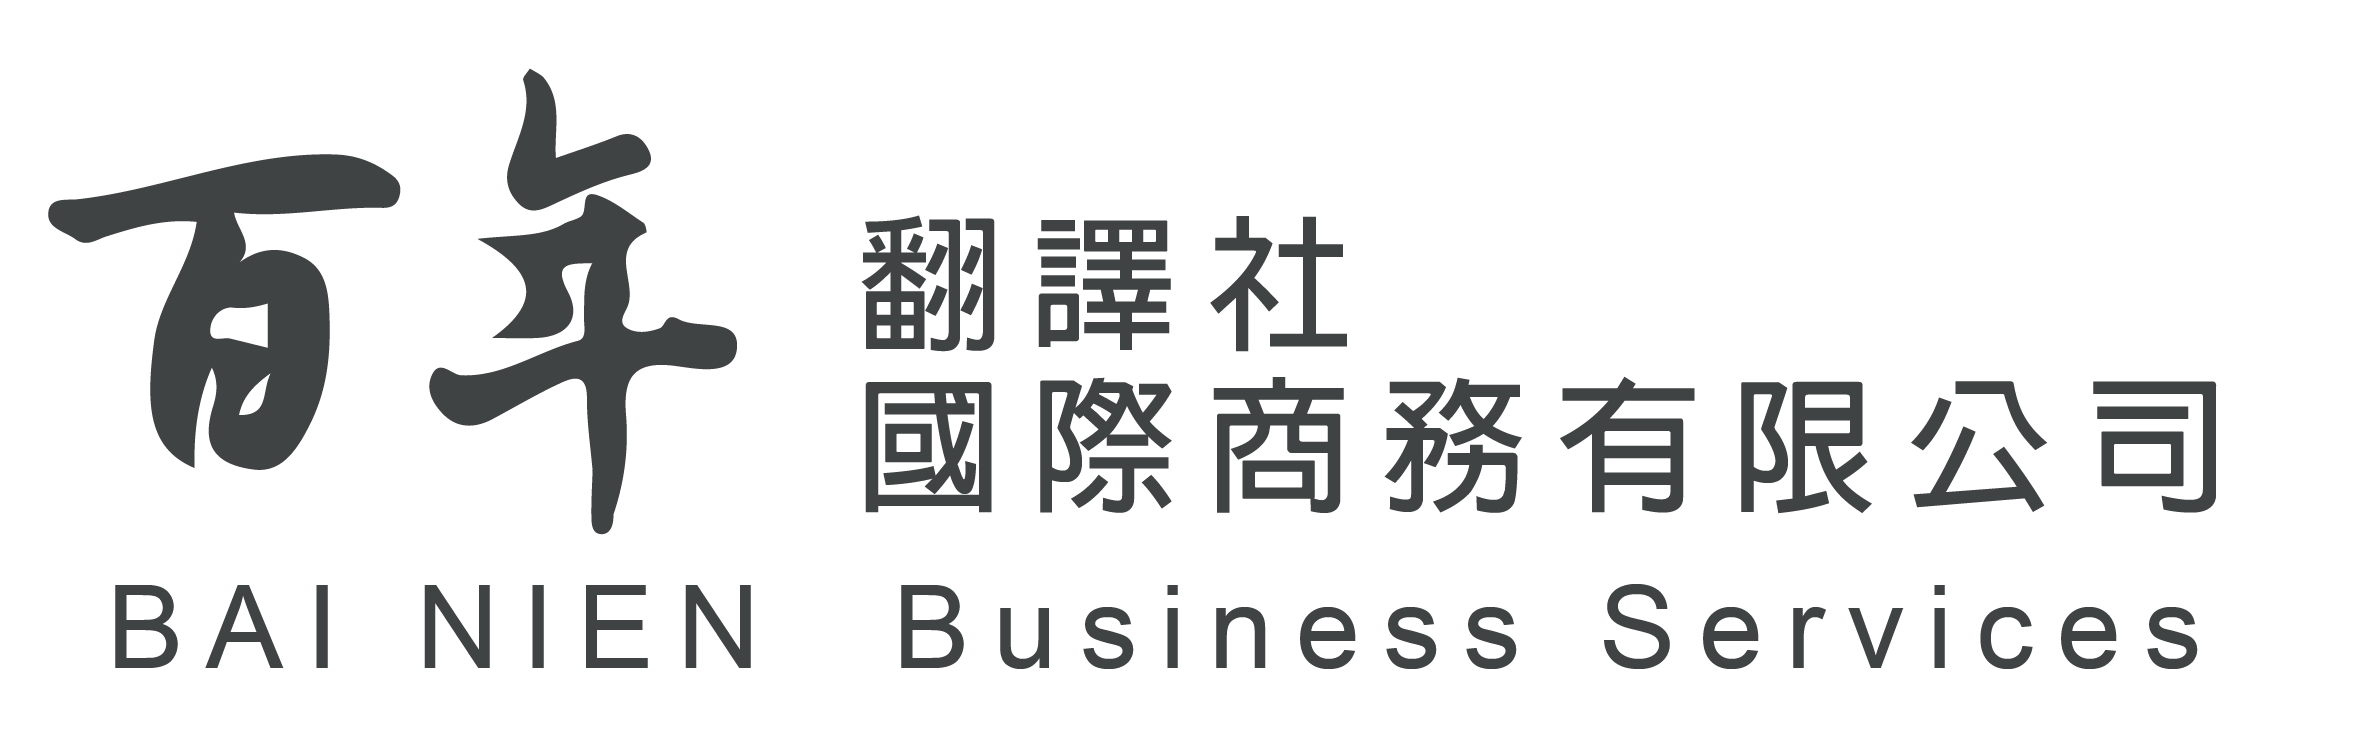 翻訳サービス │百年翻訳会社